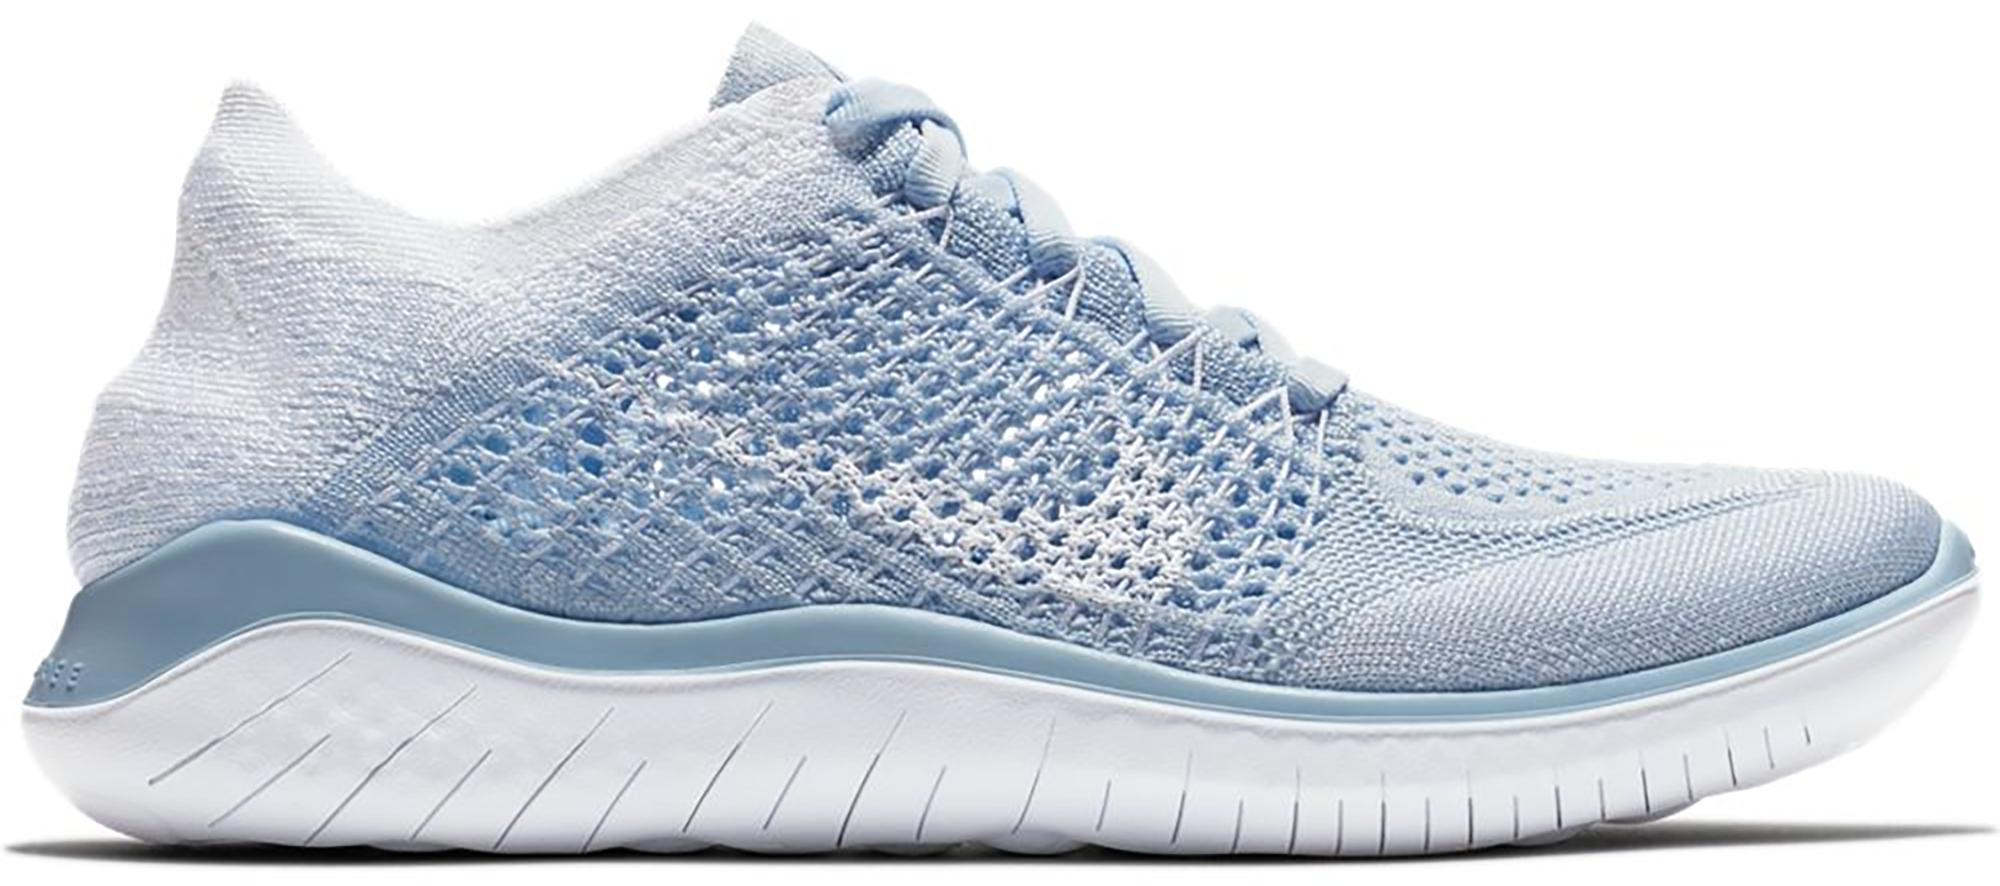 Nike Free RN Flyknit 2018 Hydrogen Blue